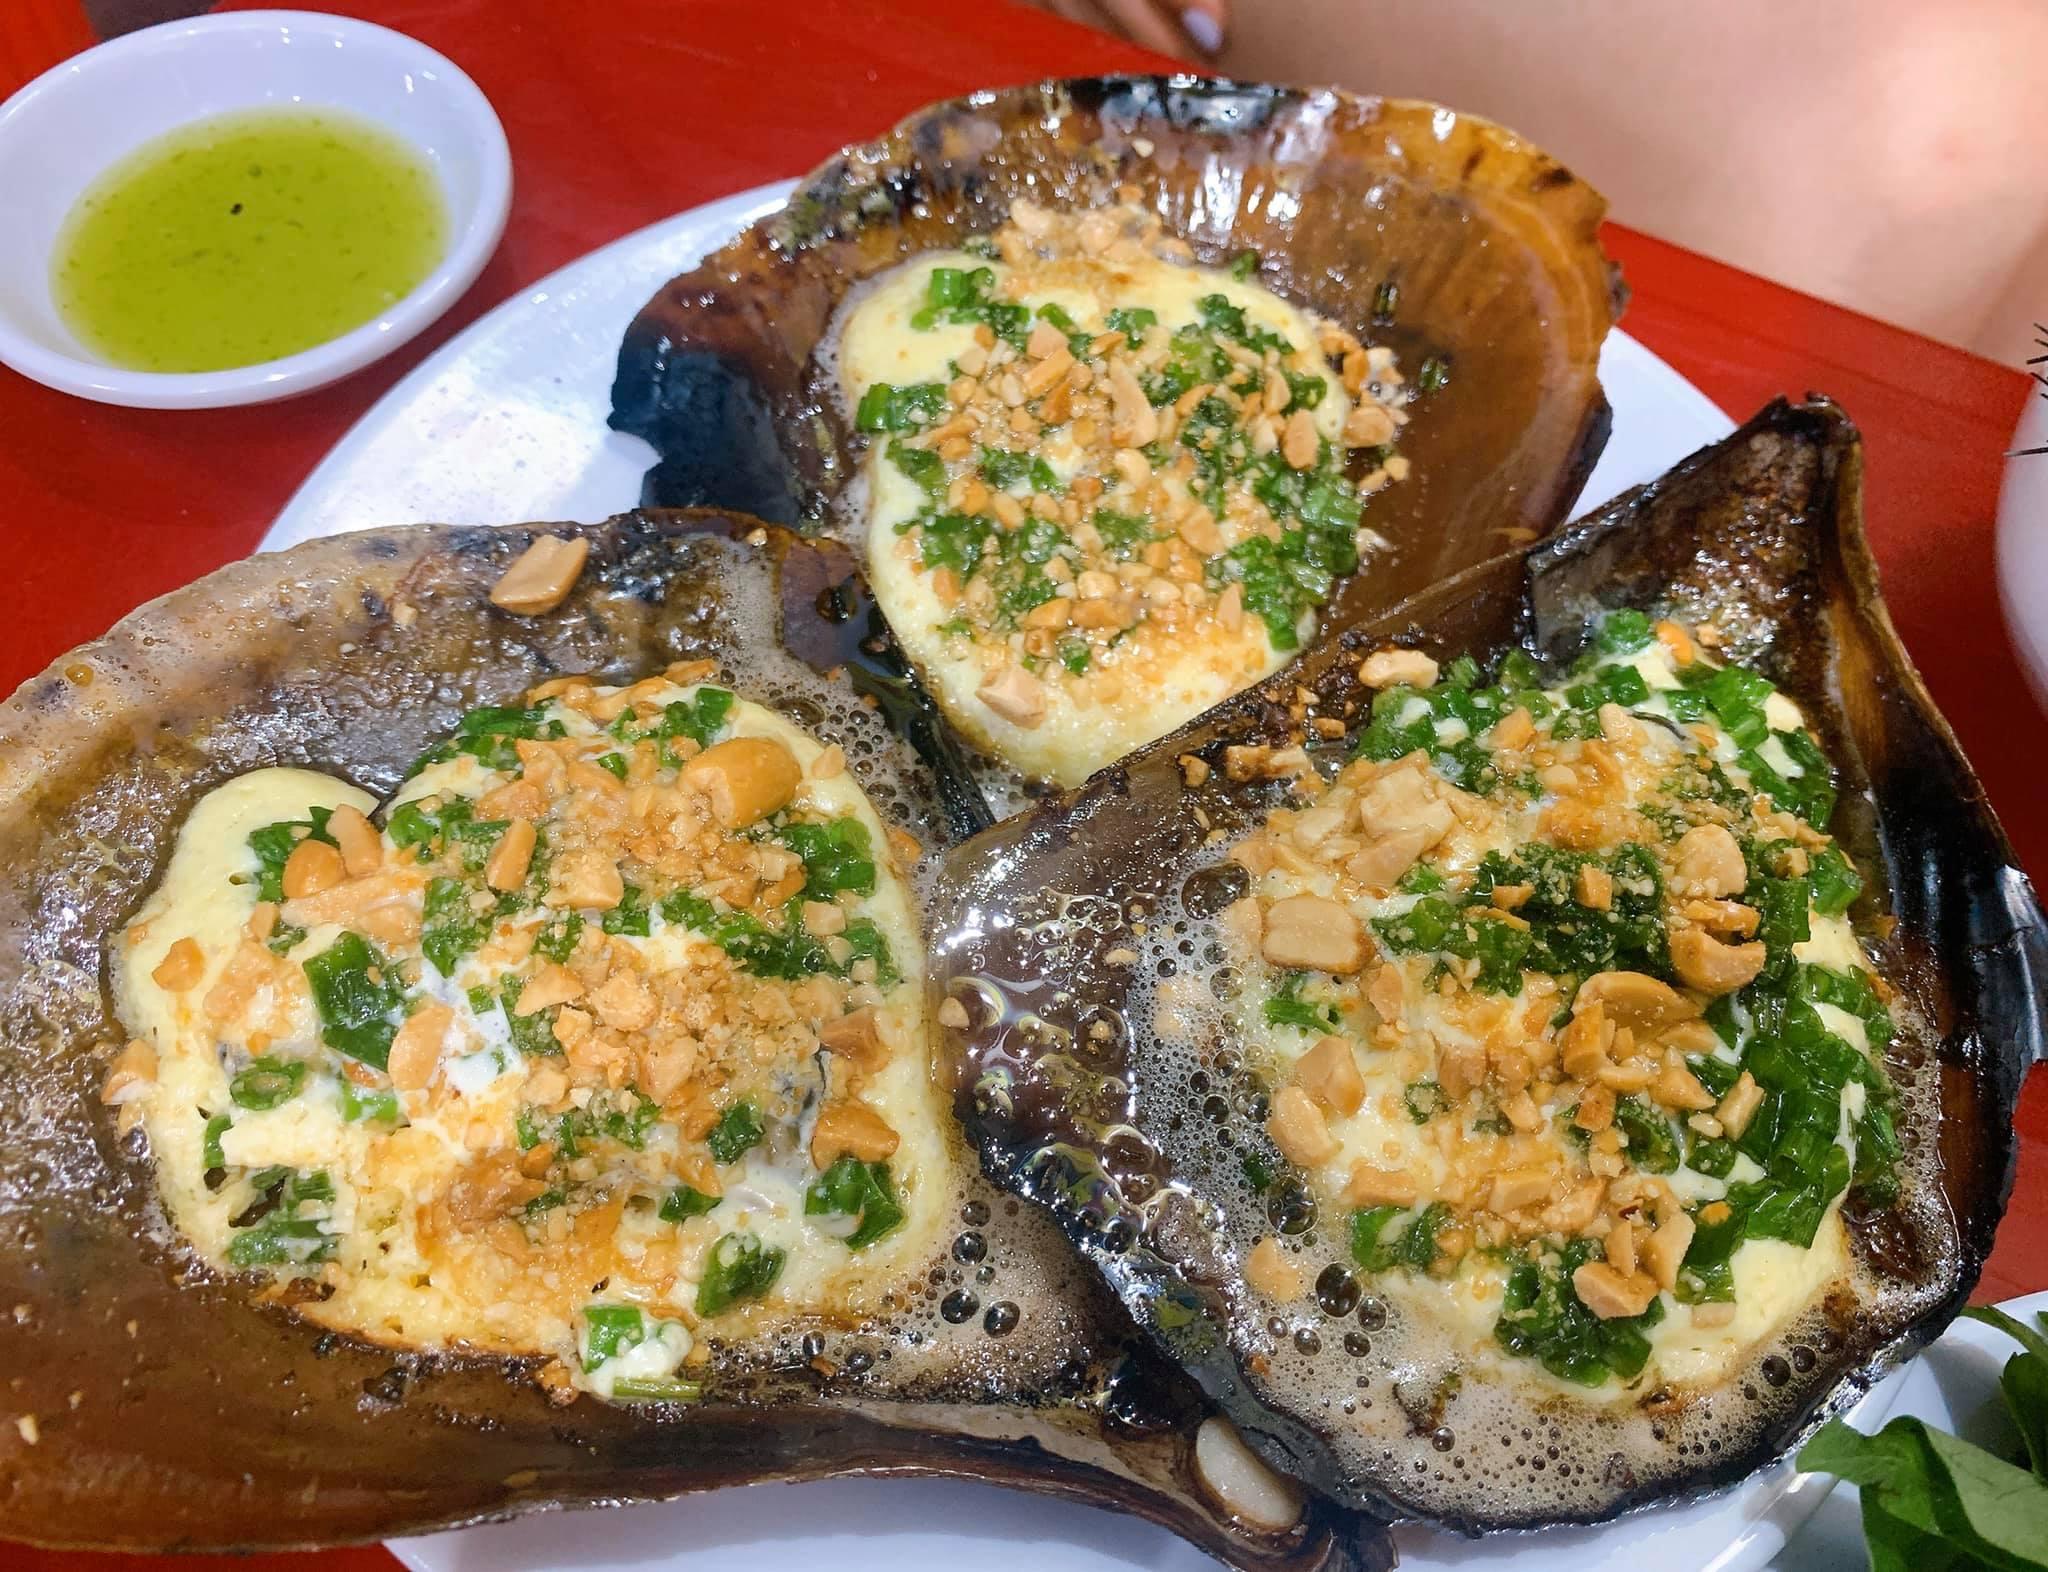 Tour du lịch từ Hải Phòng đi Nha Trang: Ưu đãi bất tận trong mùa hè này - Ảnh 16.